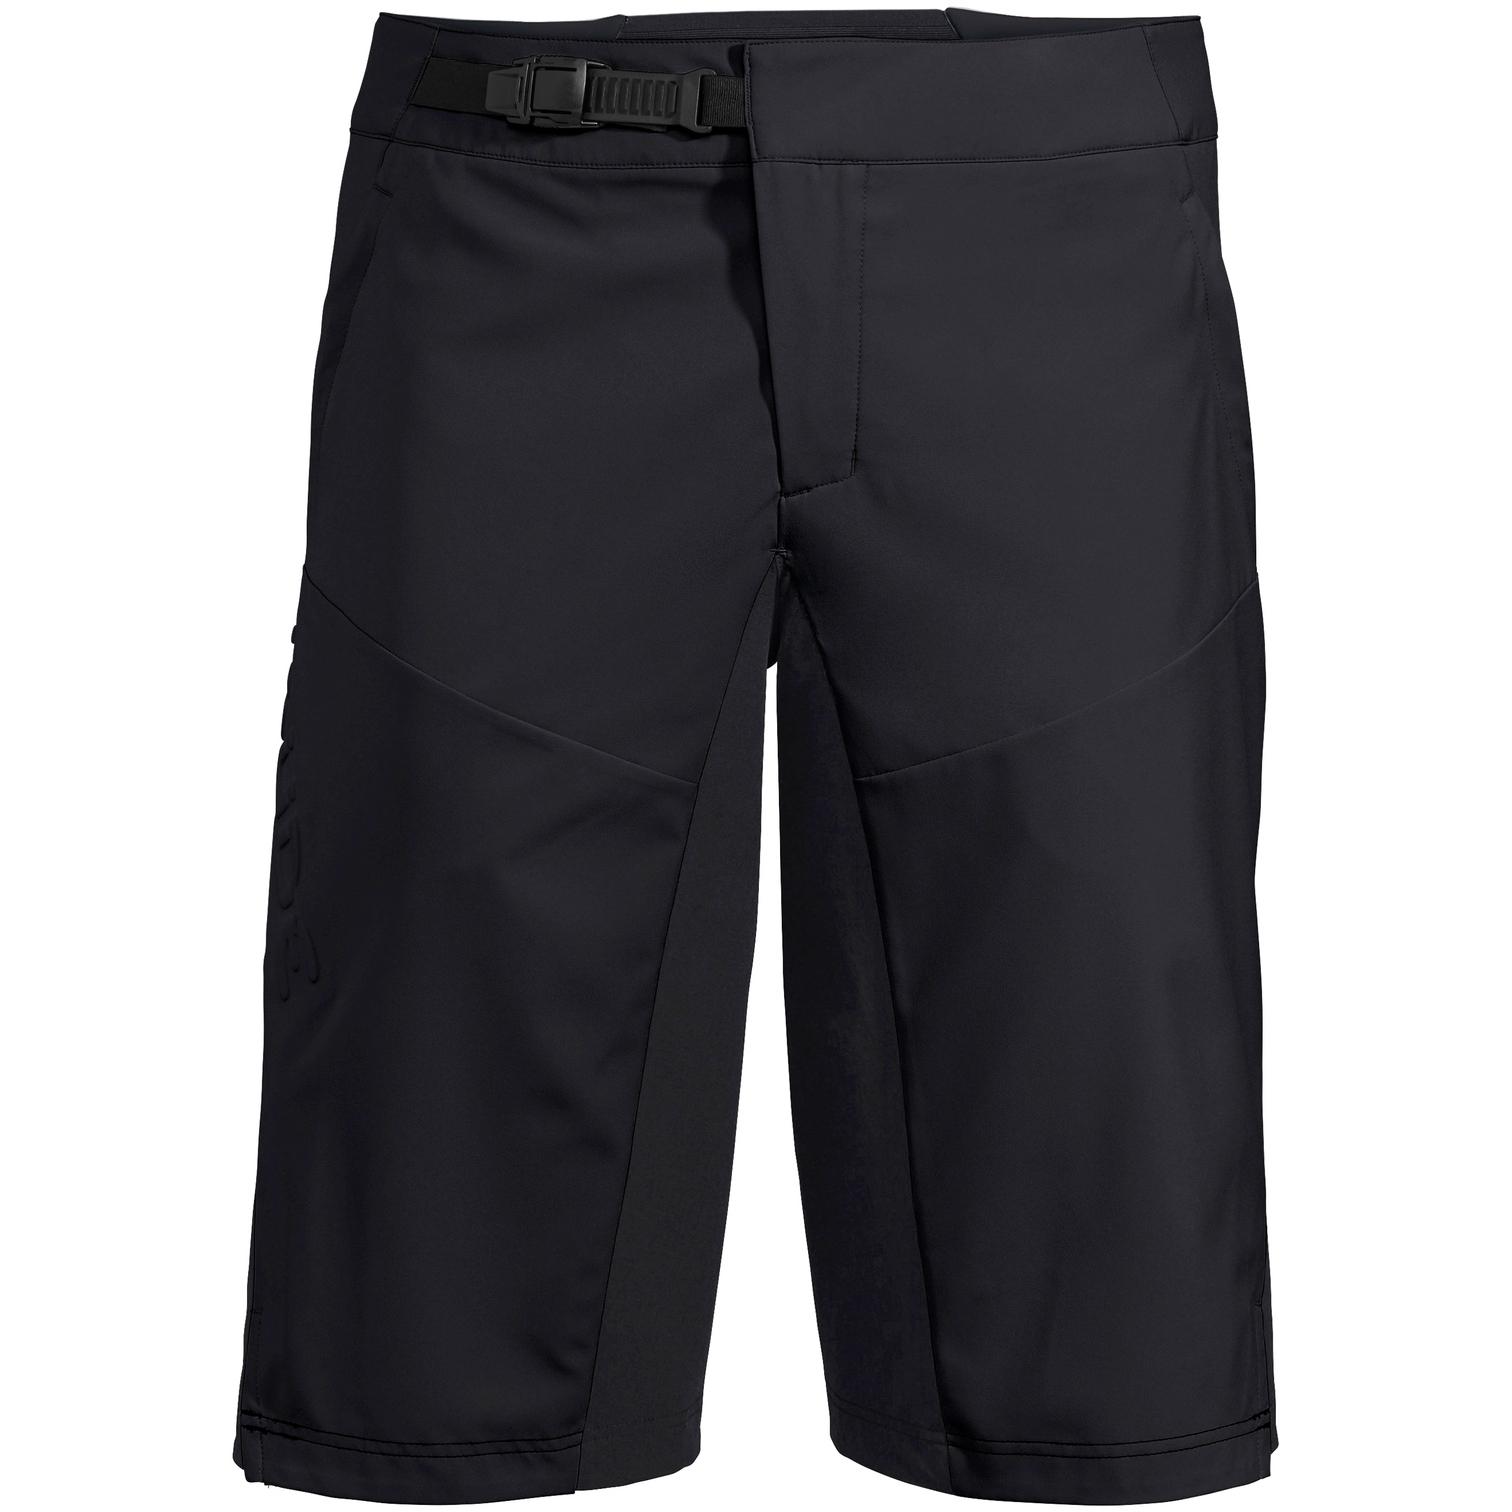 Vaude Bracket Shorts - schwarz